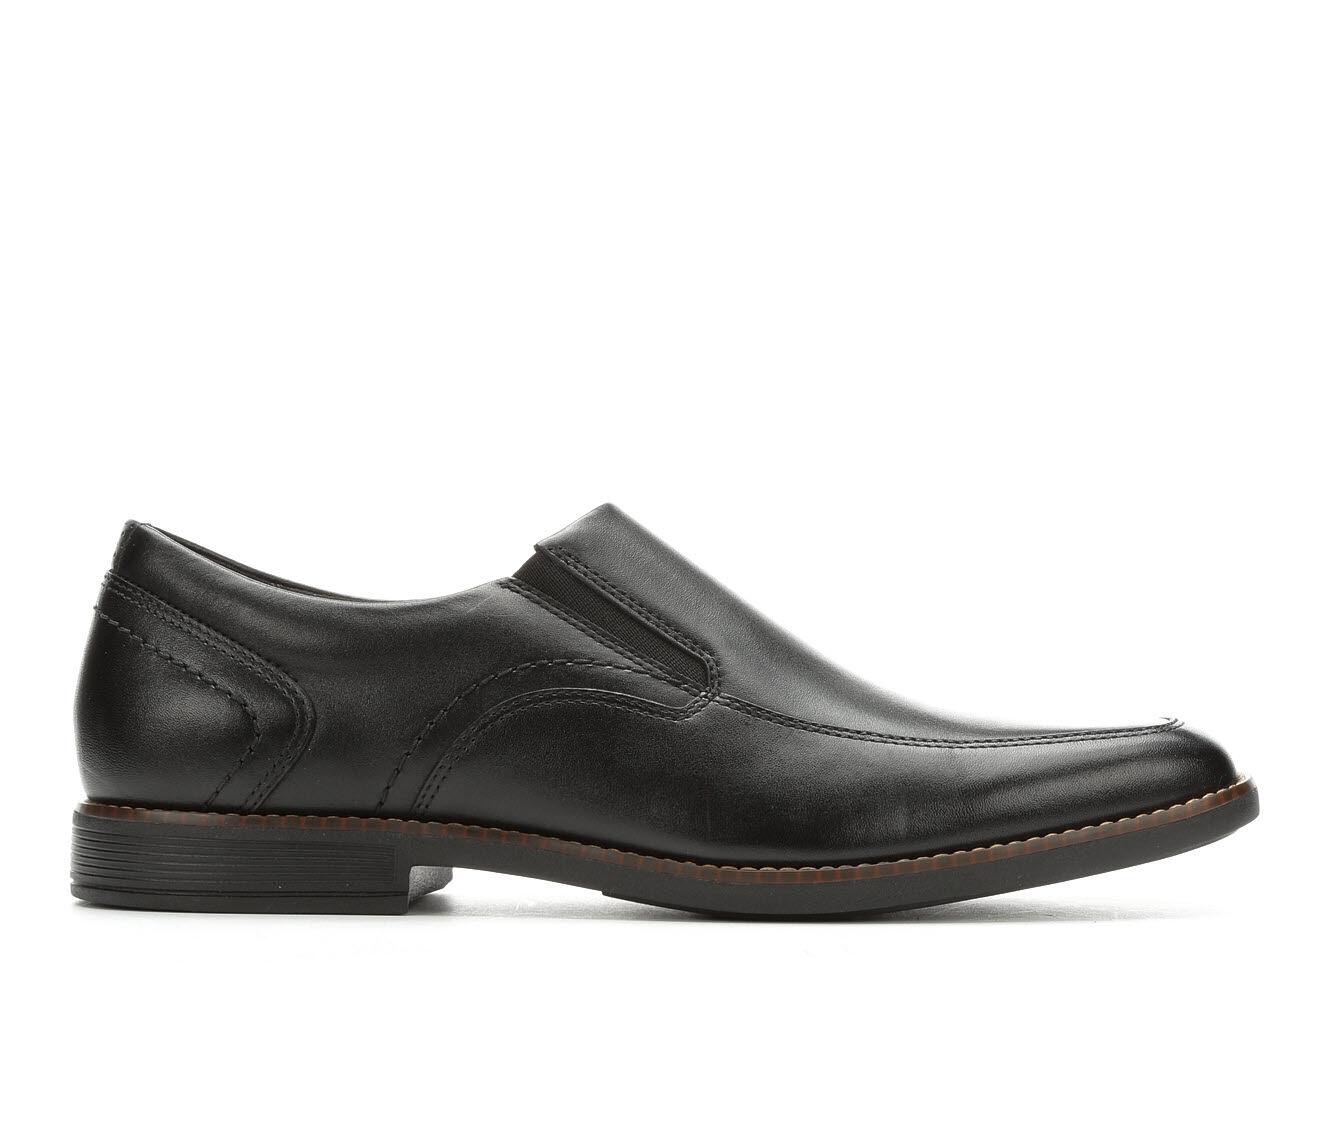 largest discount Men's Rockport Slayter Slip-On Dress Shoes Black